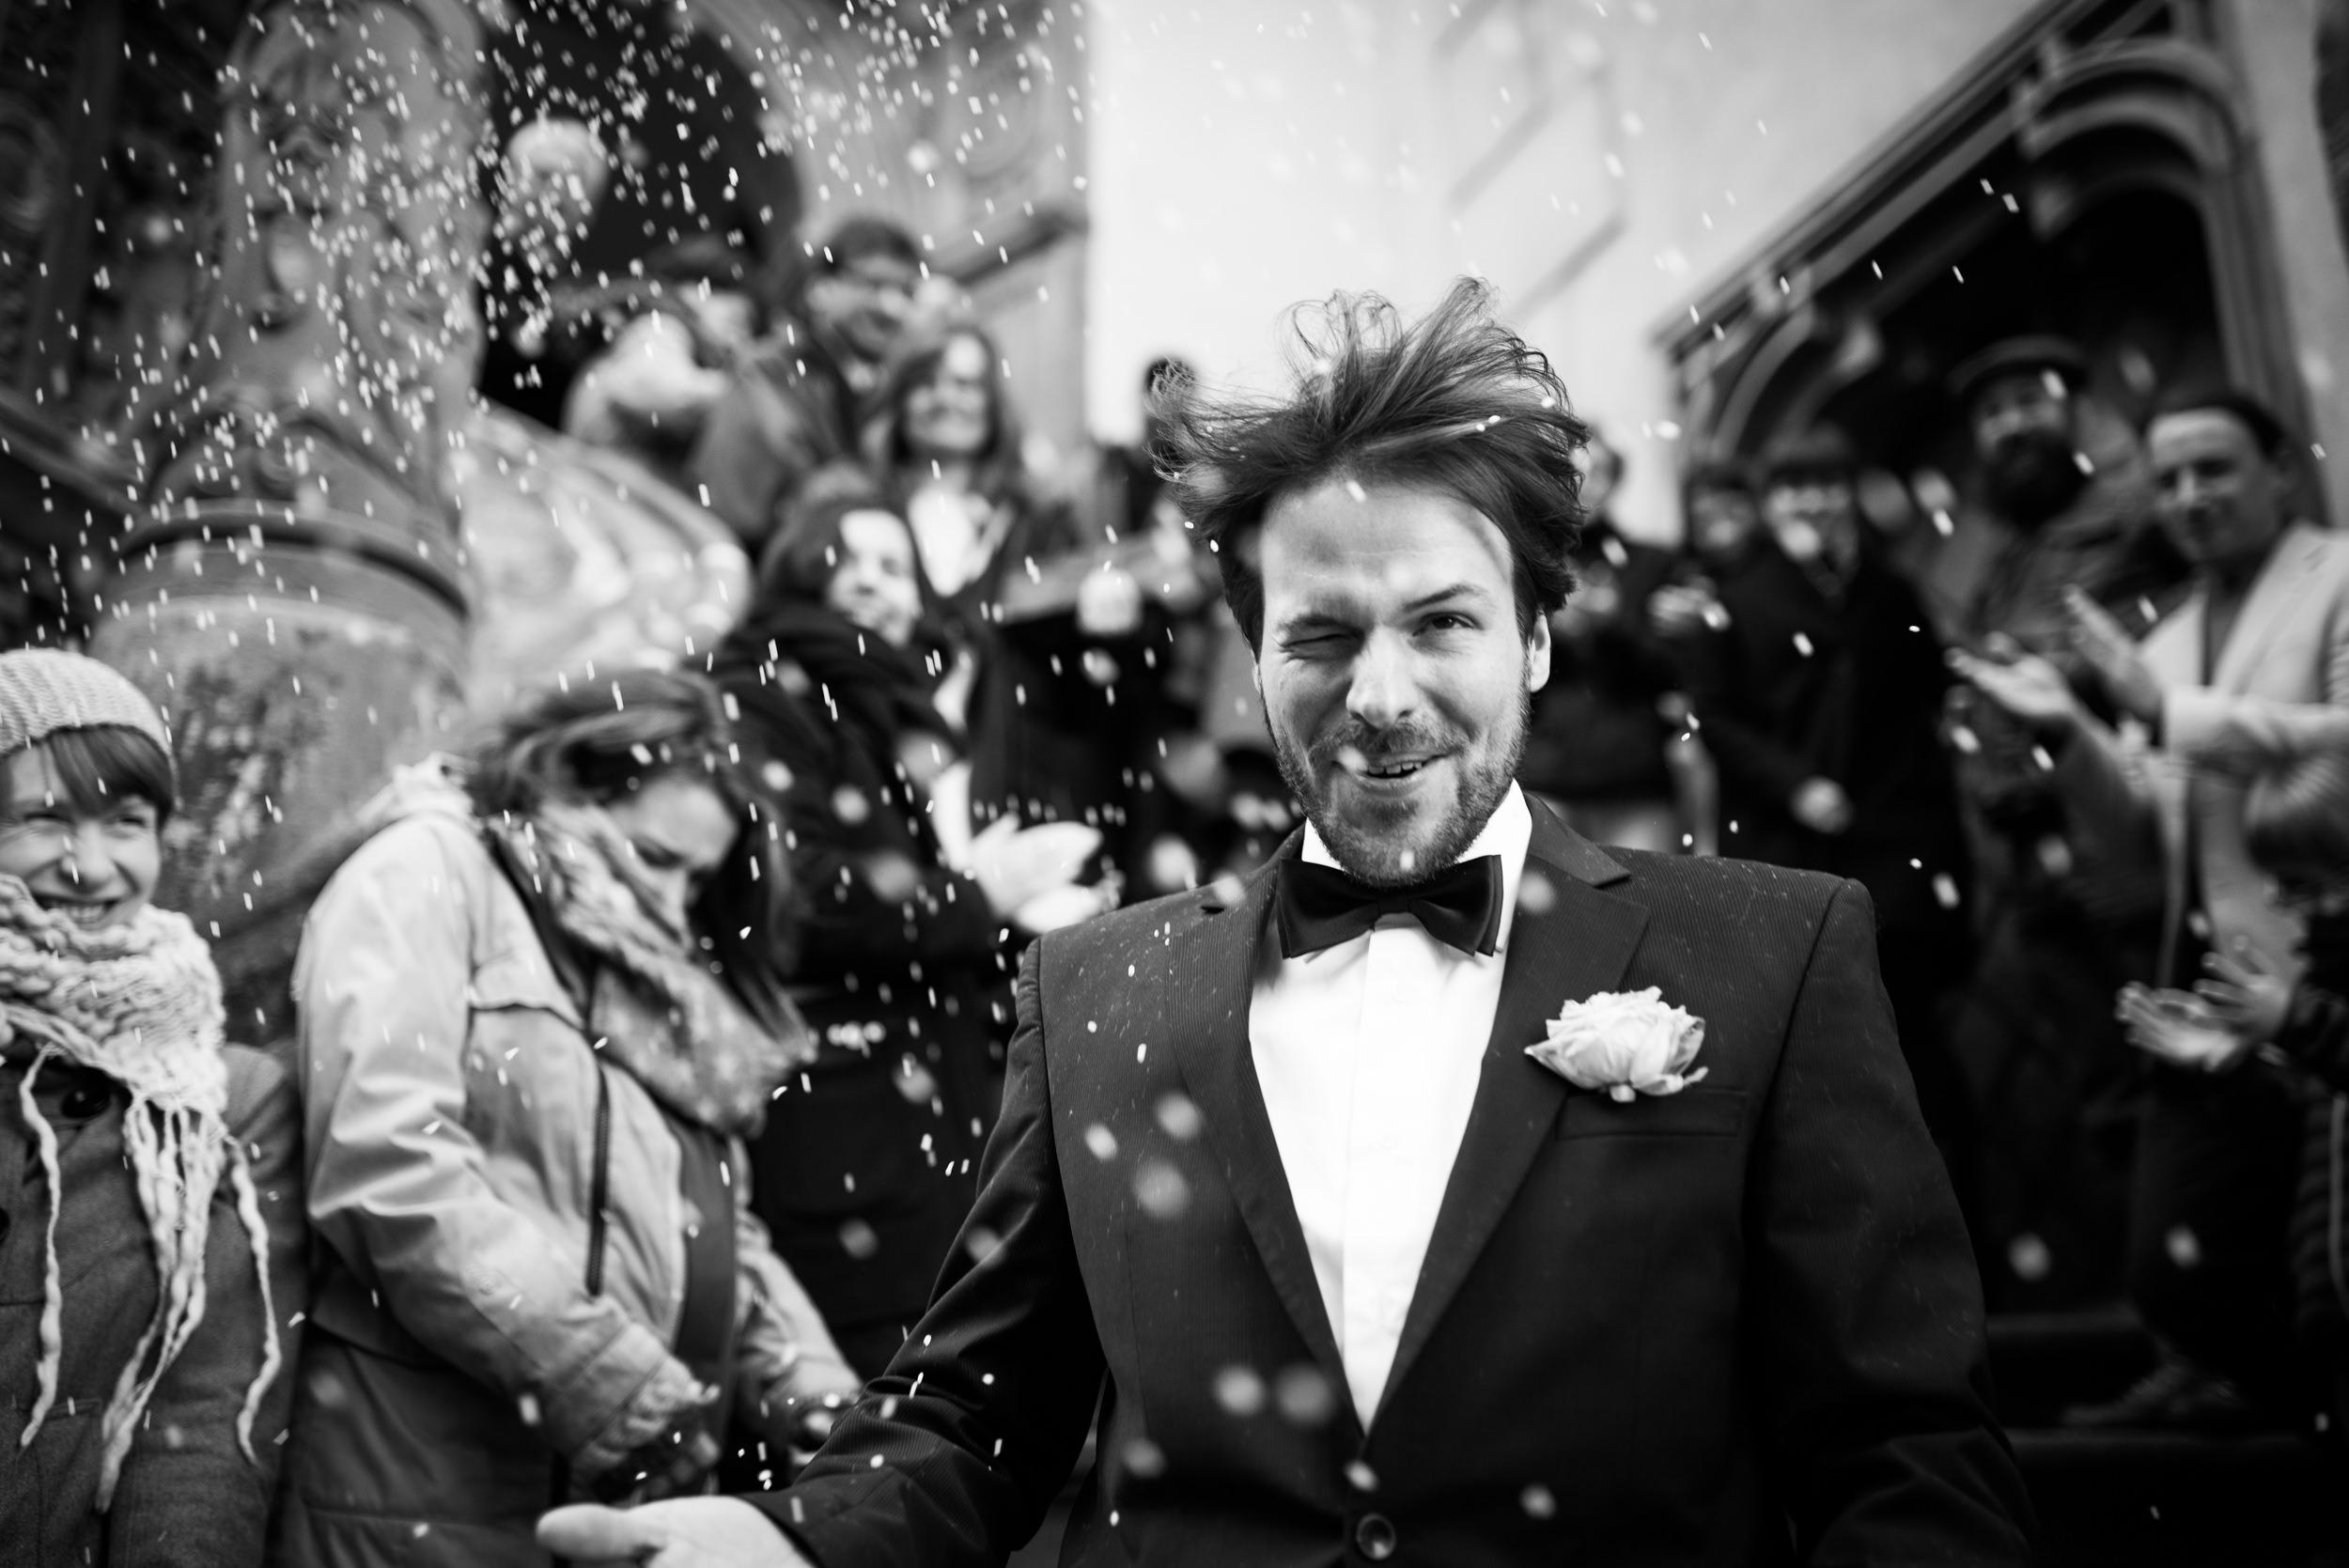 Paul_Glaser_Hochzeitsfotograf-3